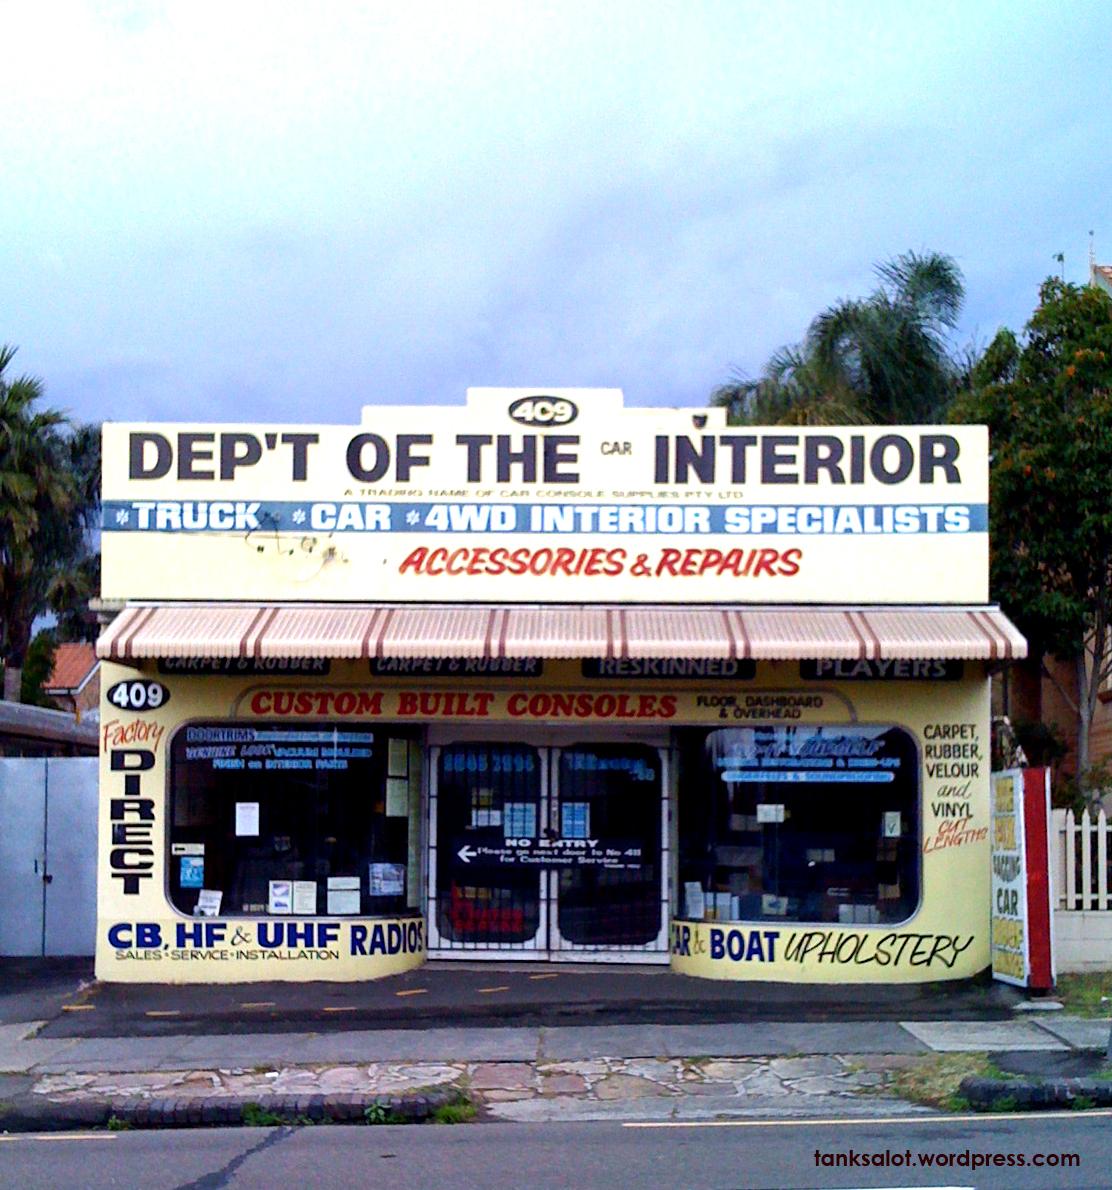 Dep't of the Car Interior